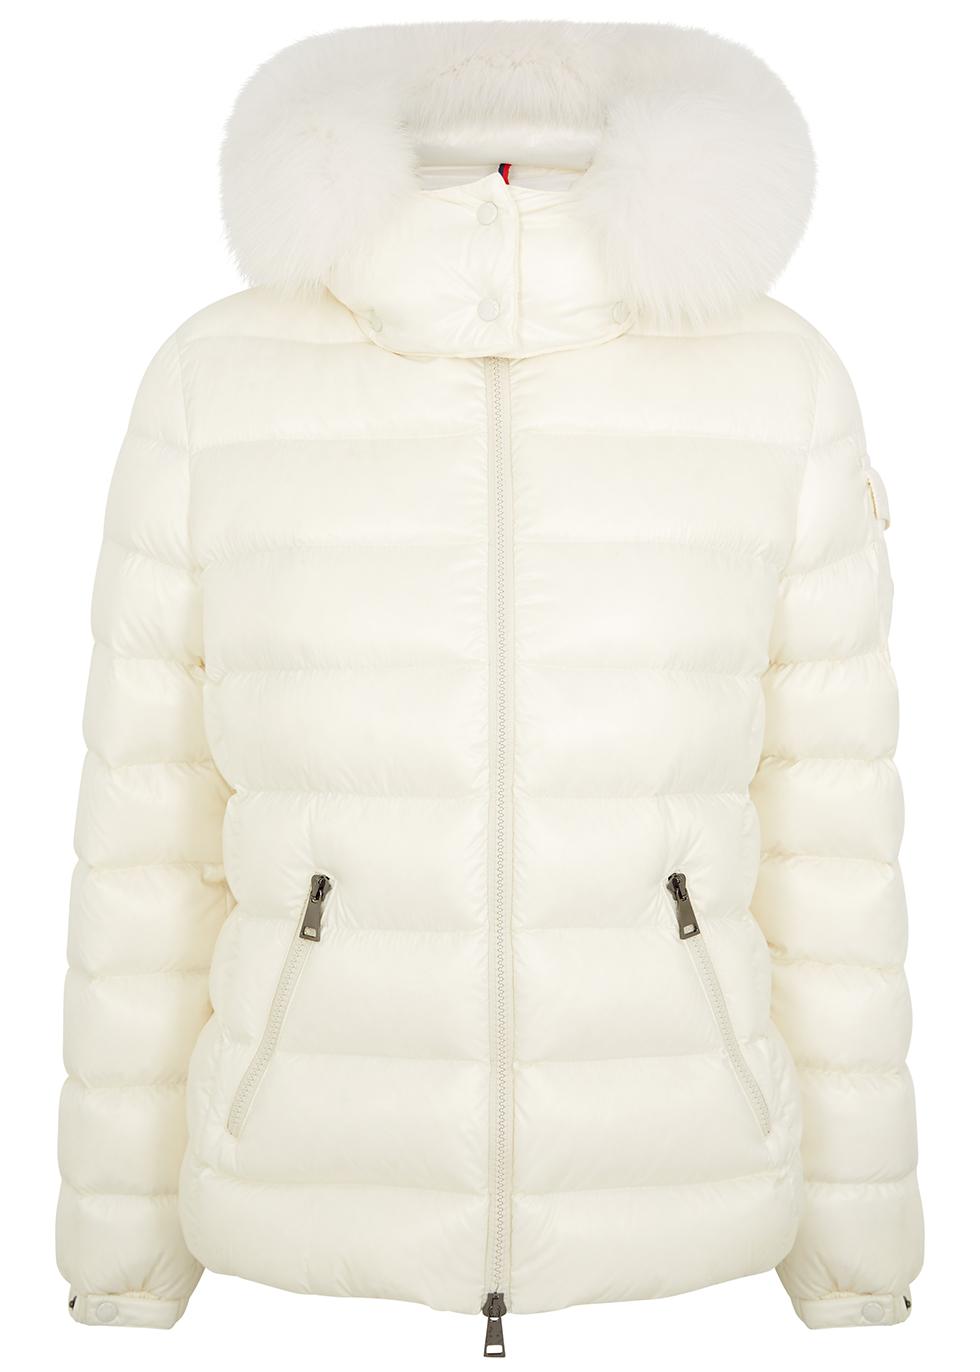 Badyfur fur-trimmed quilted shell jacket